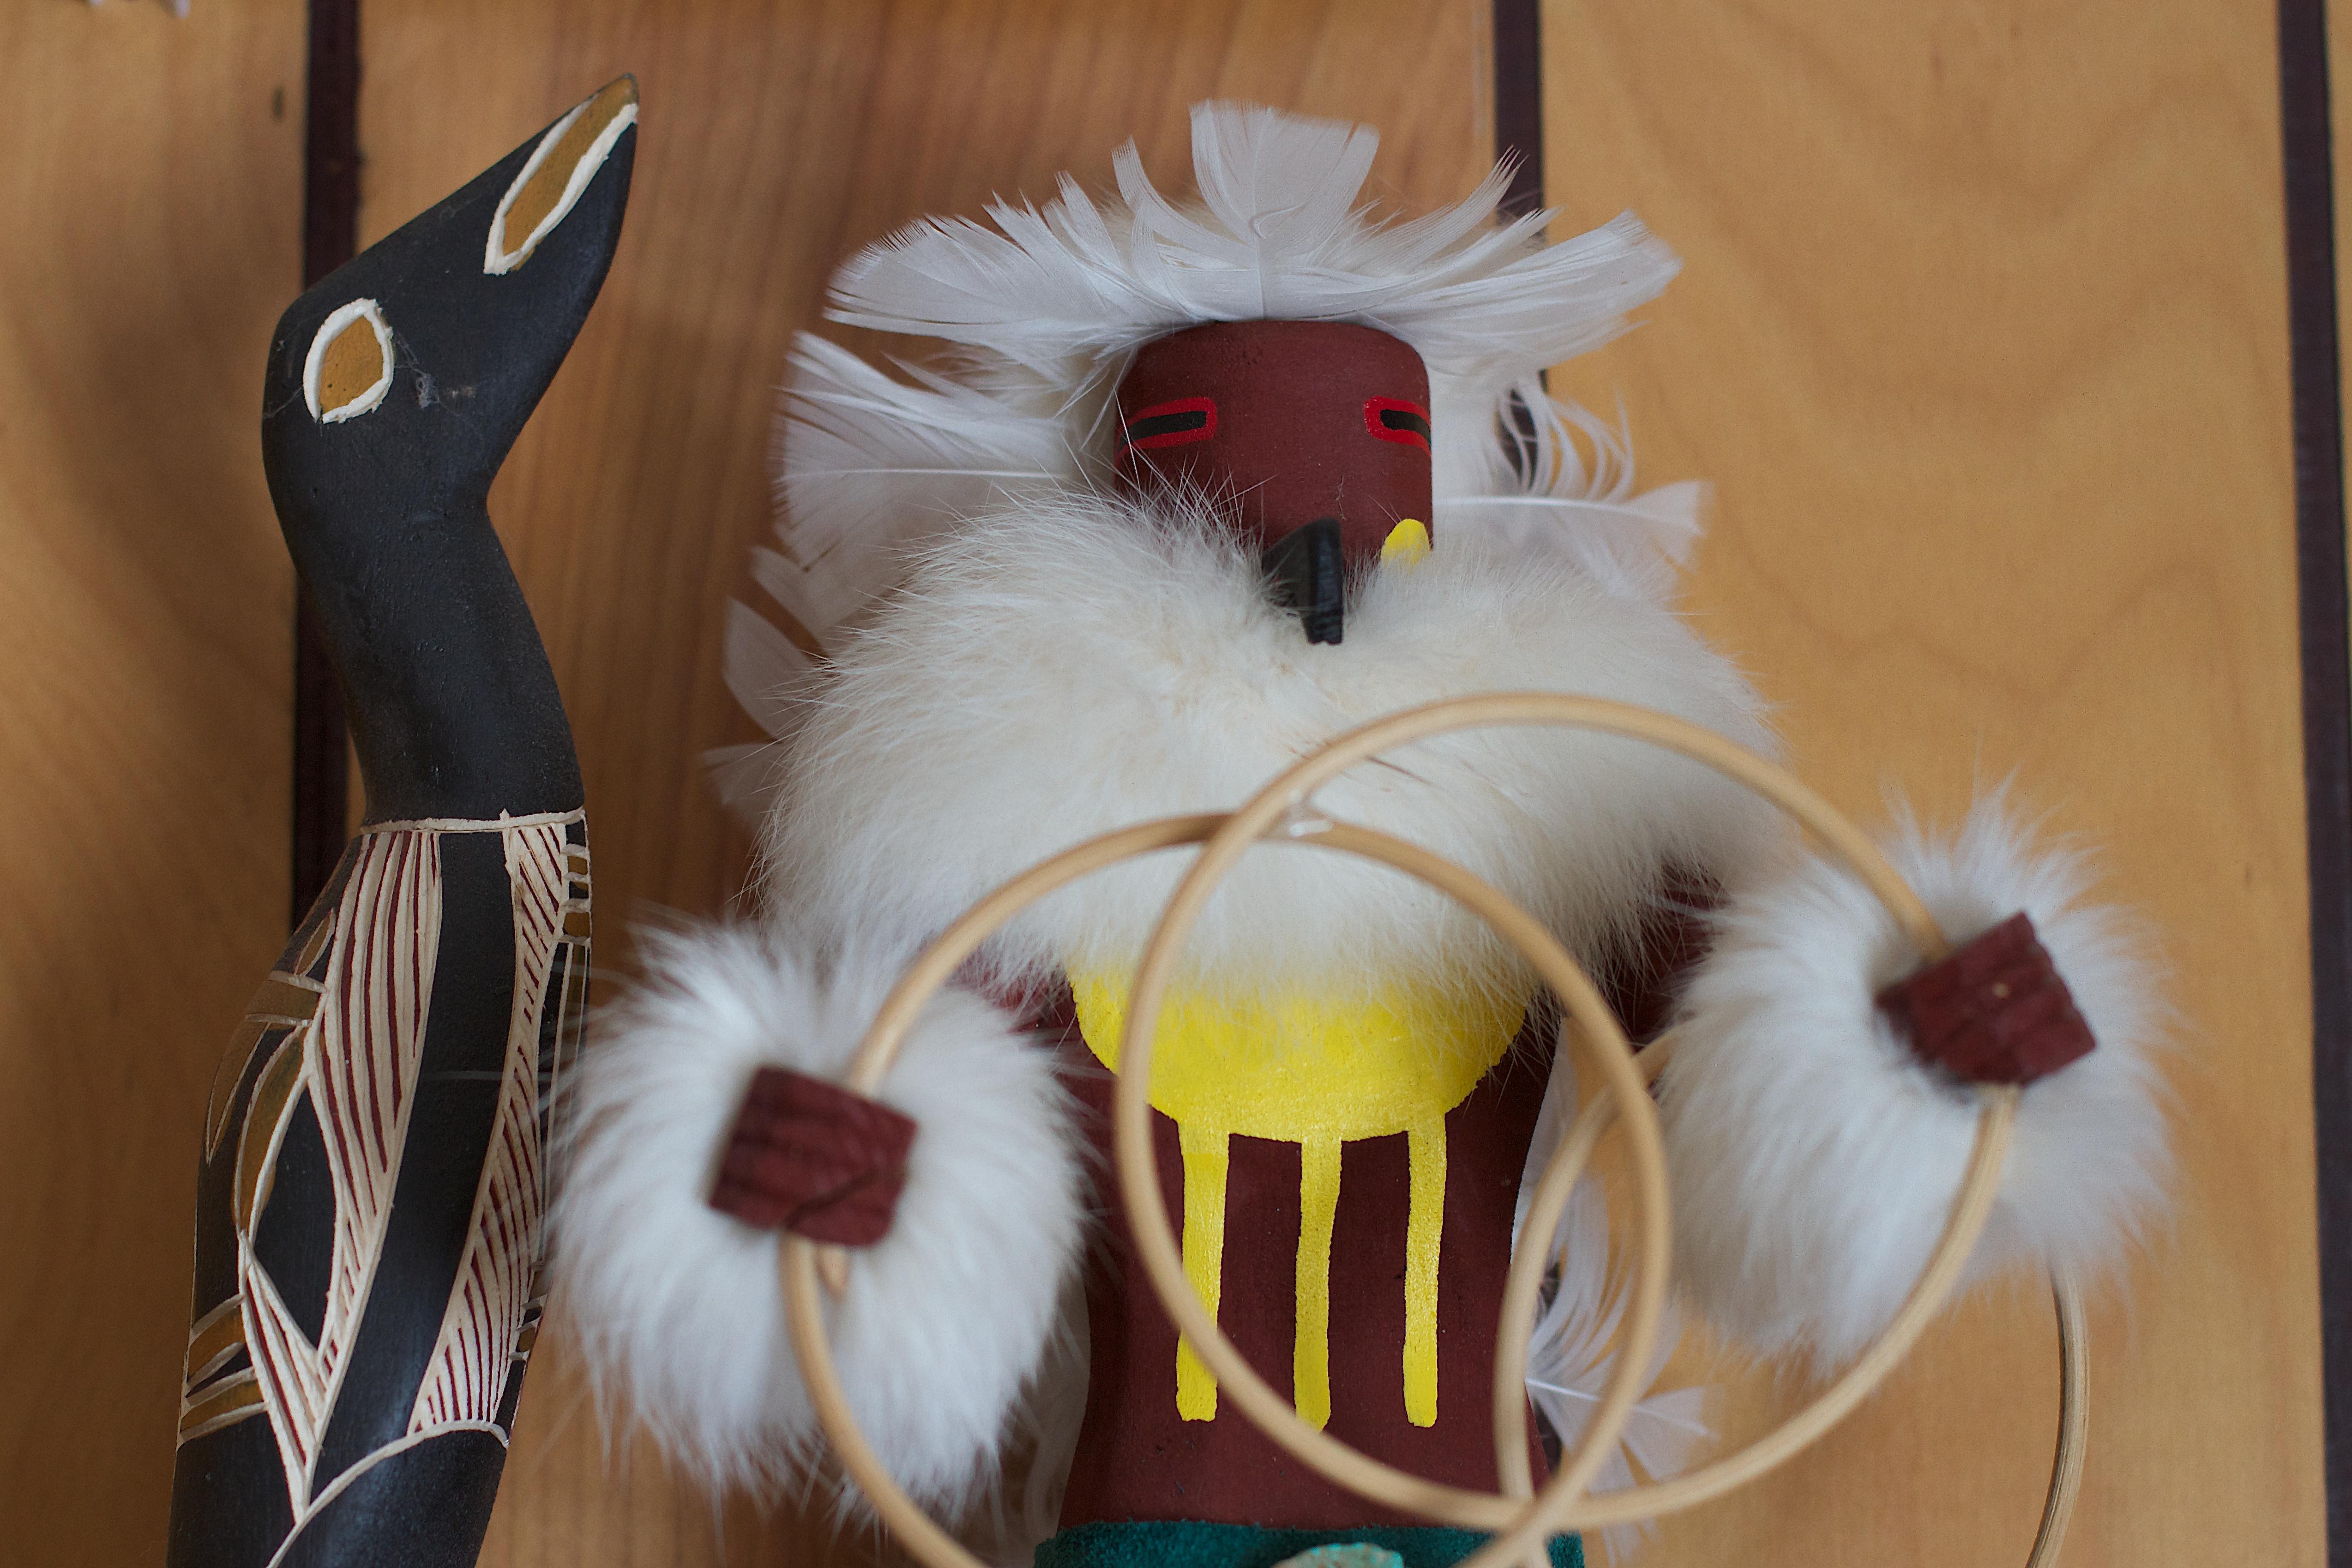 Kostenlose foto : Weiß, Katze, Spielzeug, Plüschtier 5095x3397 ...